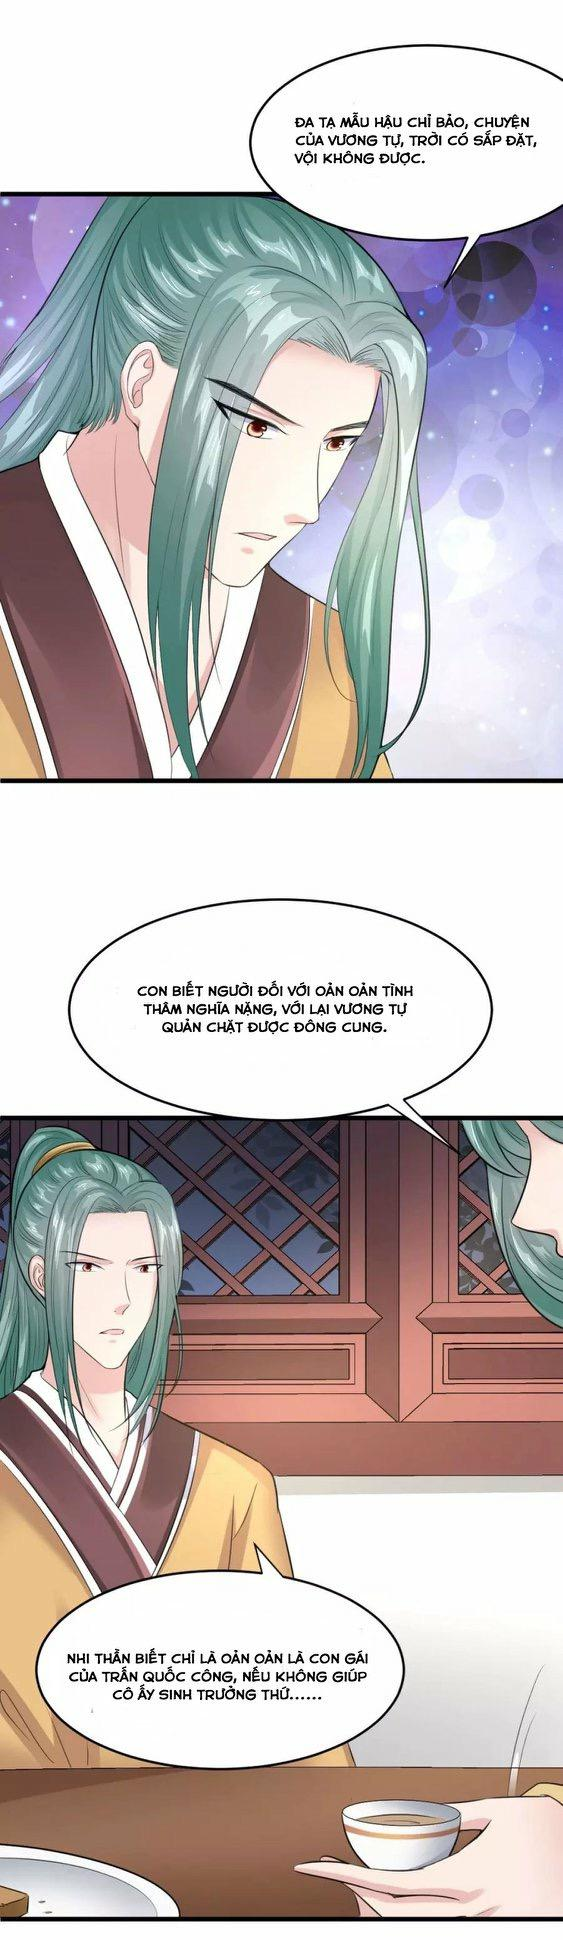 Đế Vương Sợ Vương Phi Muốn Sở Hữu Thiên Hạ chap 20 - Trang 22